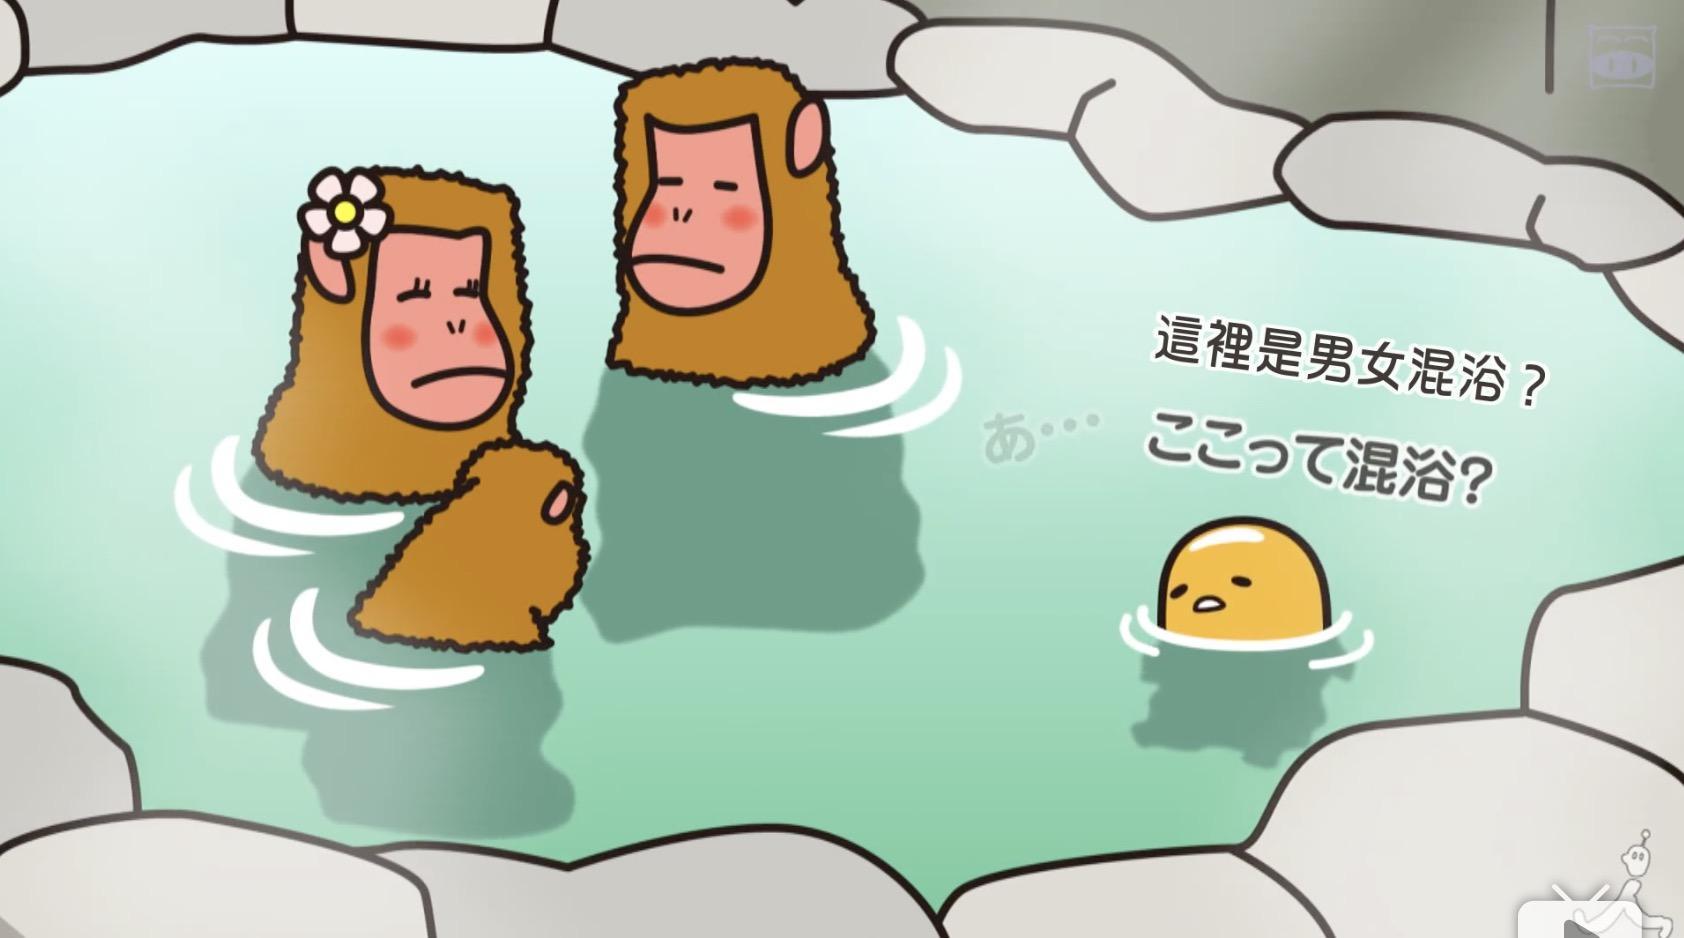 每个人骨子里都有一个懒蛋蛋の呆萌日本游